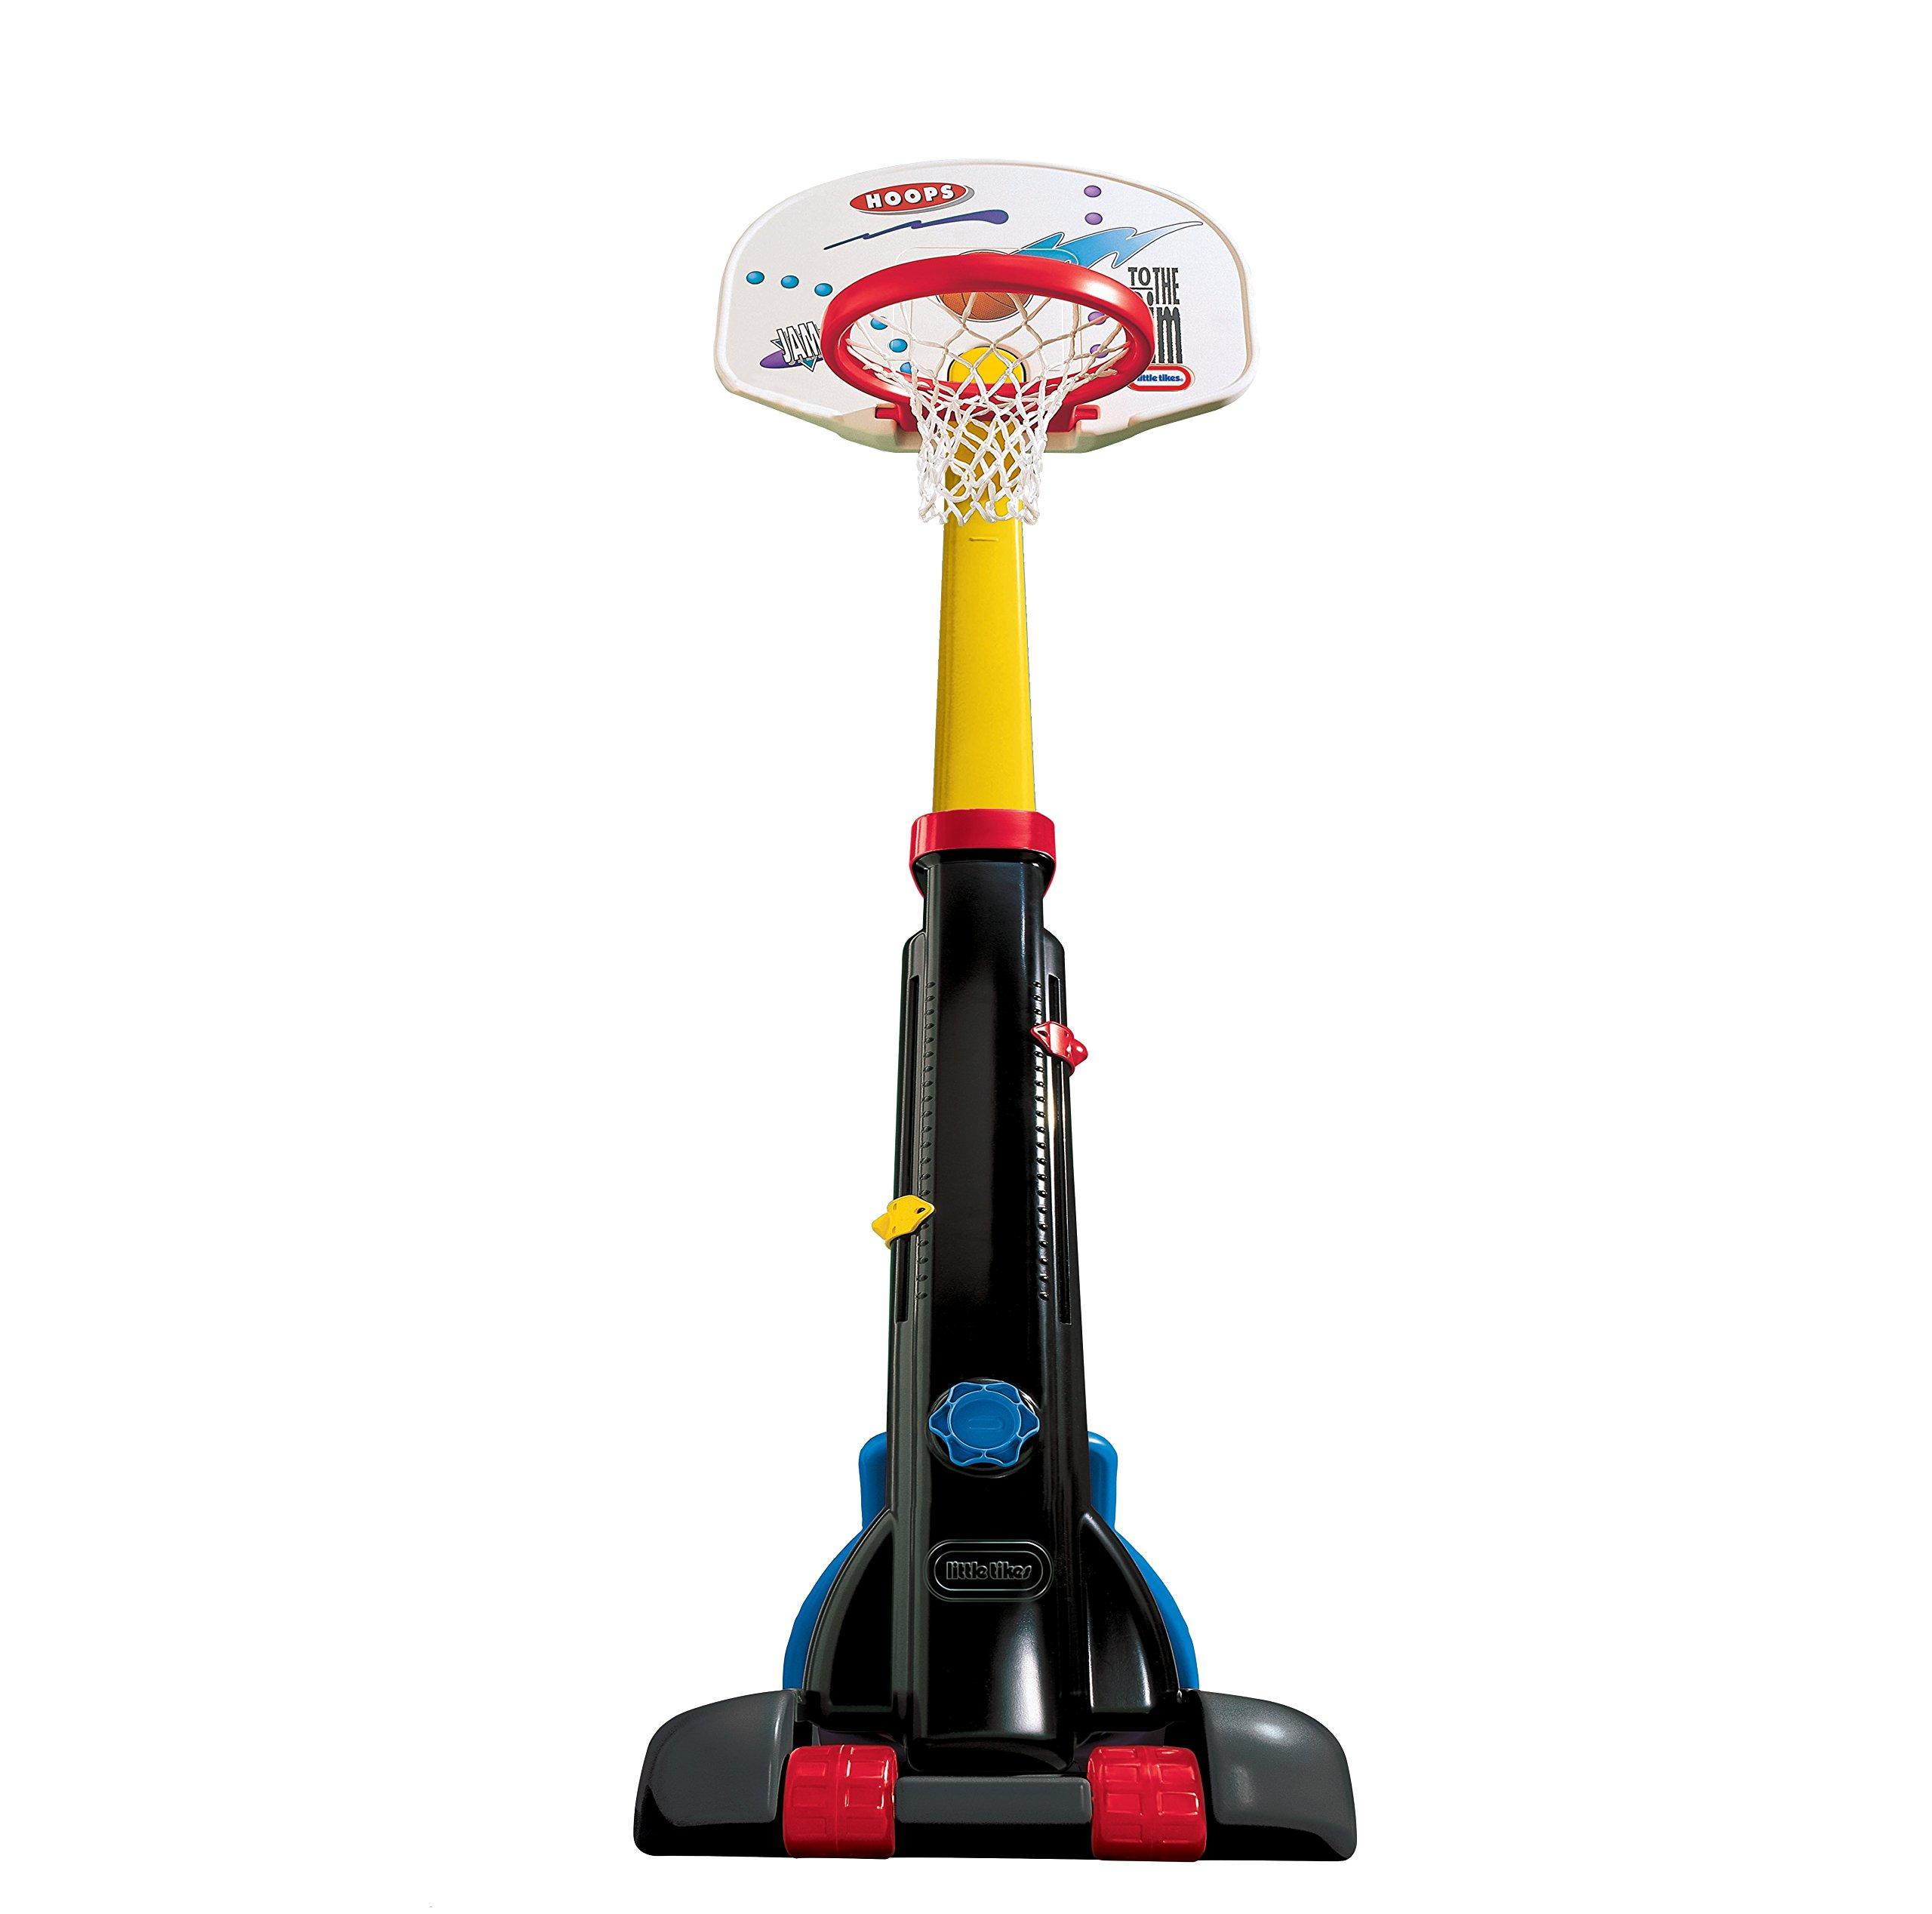 Баскетбольный щит раздвижной, 210 см - Баскетбол, бадминтон, теннис, артикул: 166982